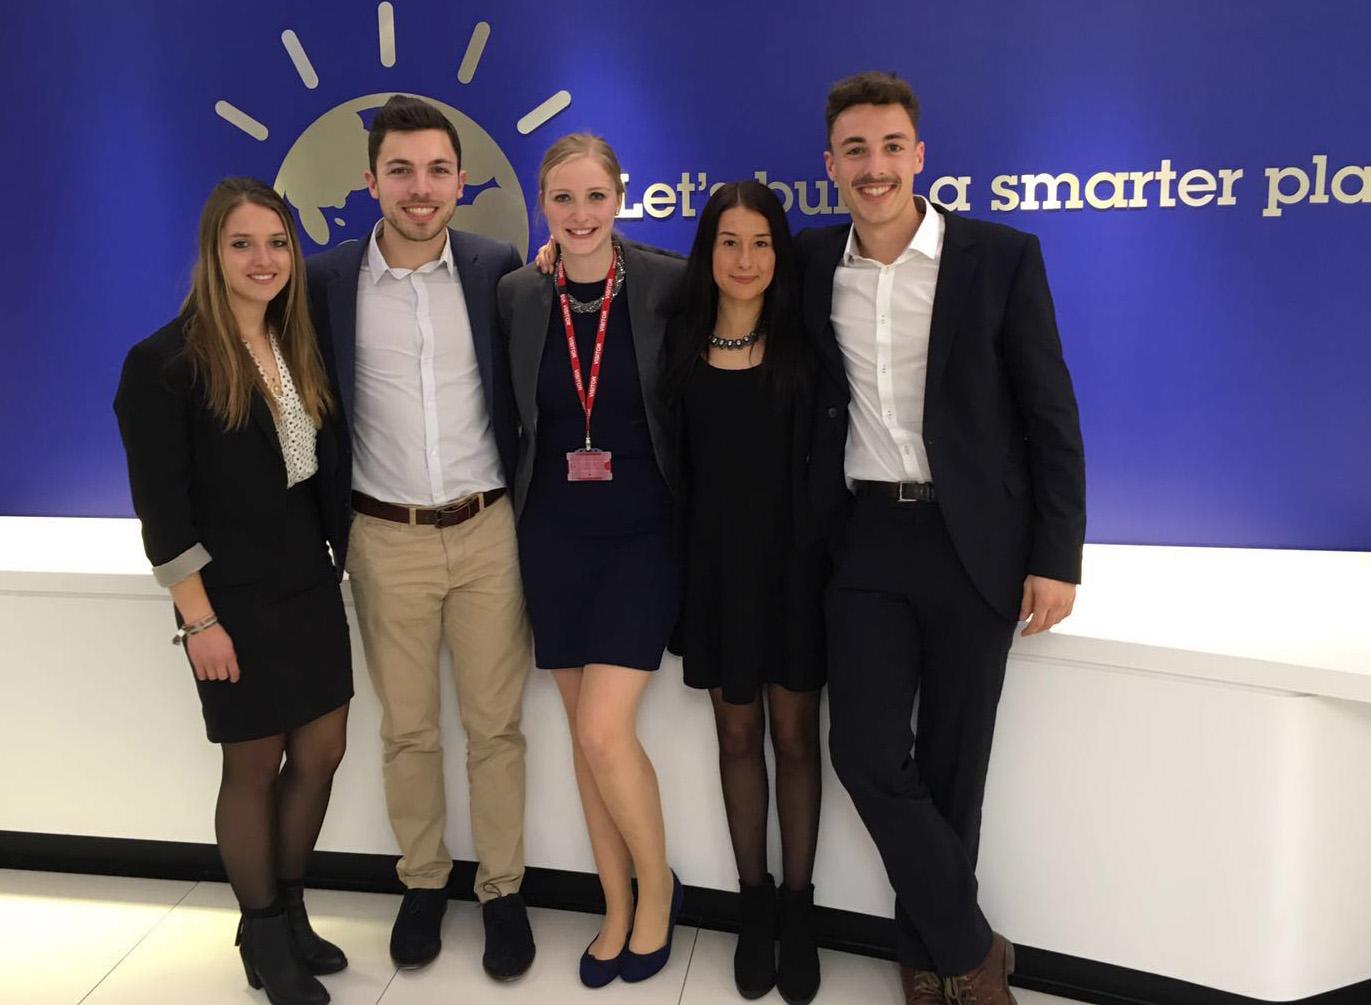 Das Gewinnerteam (v.l.): Lea Stöber, Vincent Jost, Hanna Büscher, Lea Fuchs und Louis Wagner. (Foto: privat)